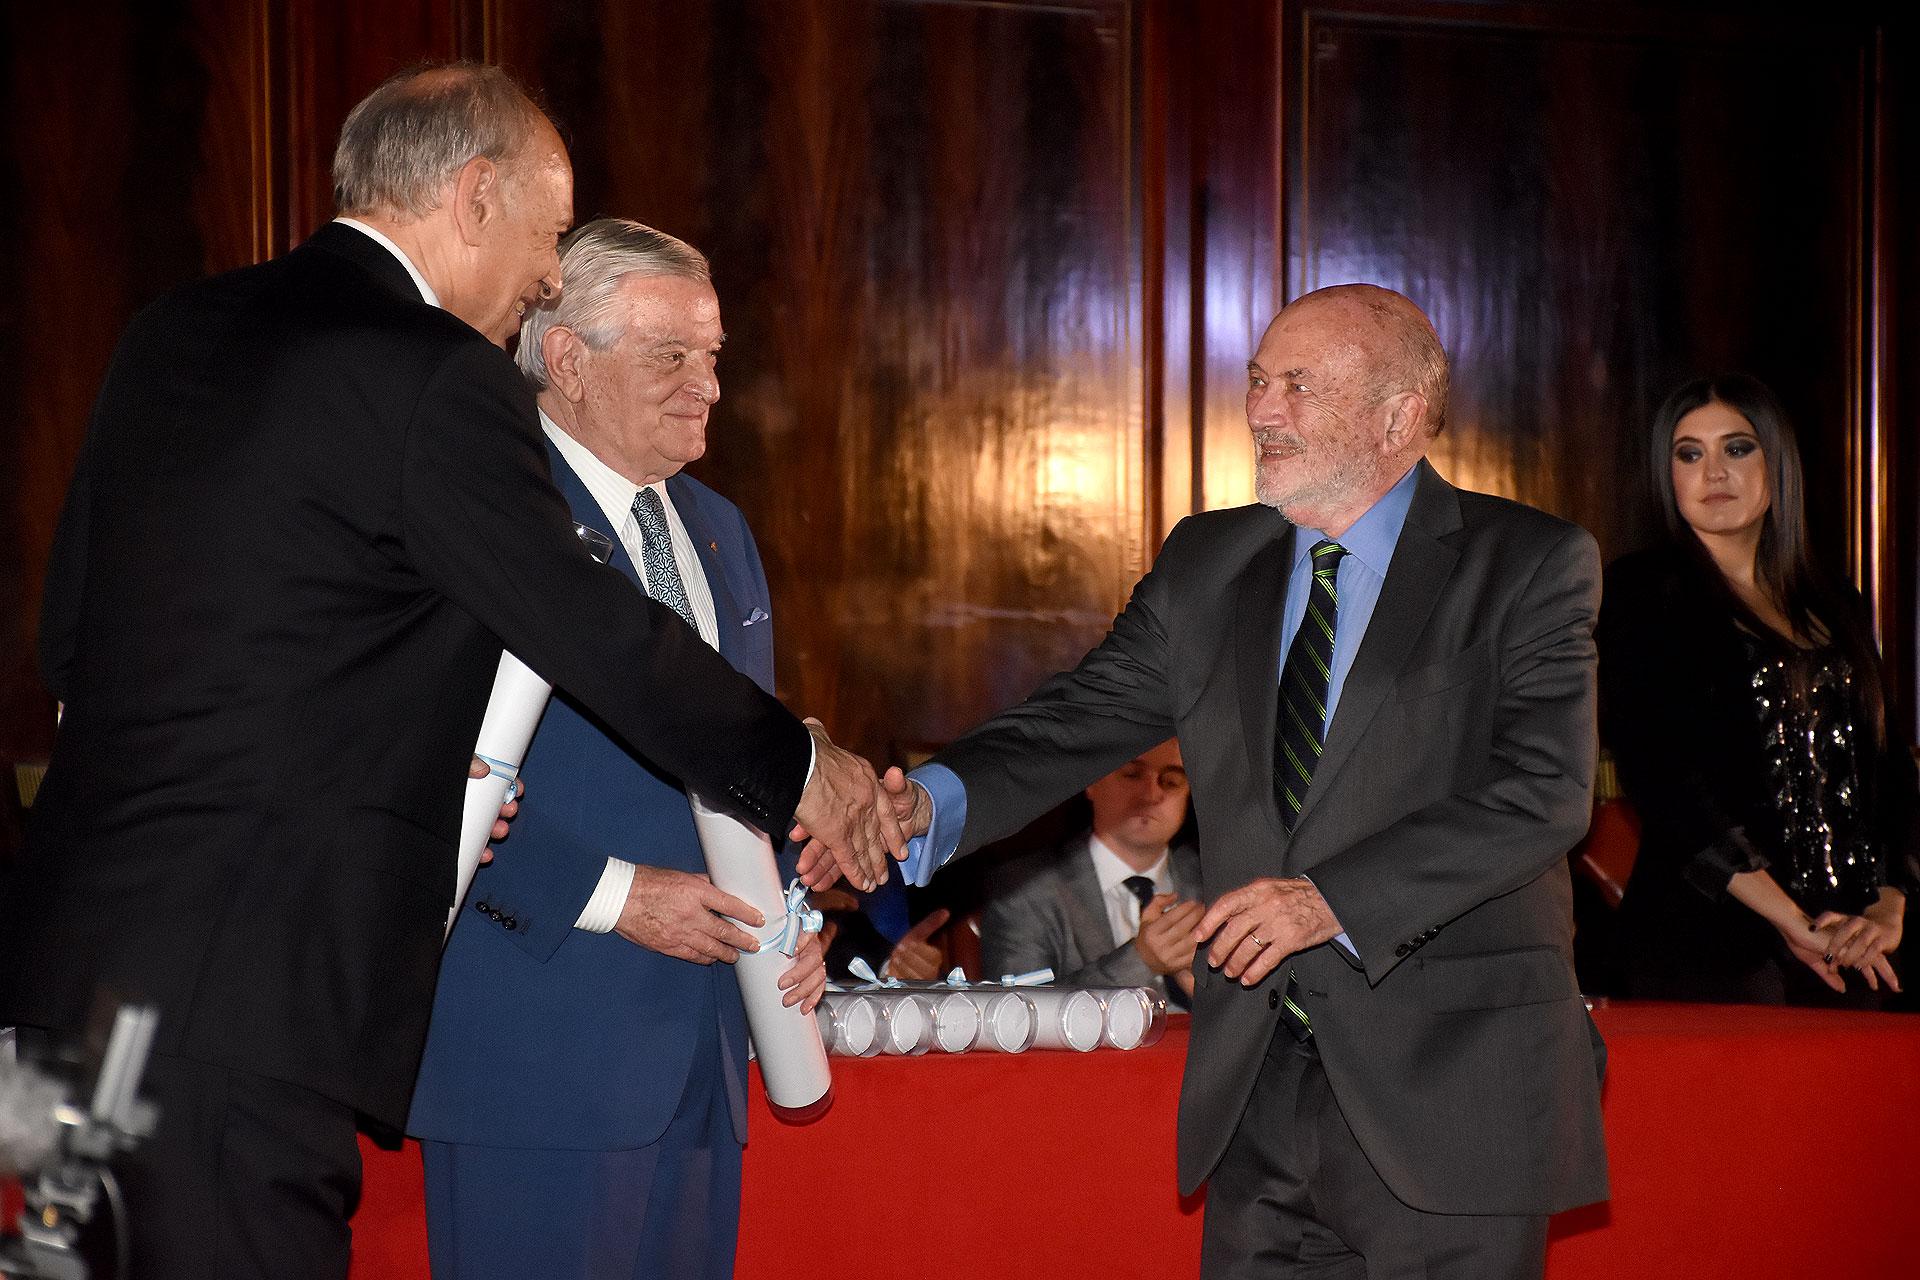 El empresario Alberto Grimoldi saluda a Luis Ovsejevich junto a Juan Carlos Bagó